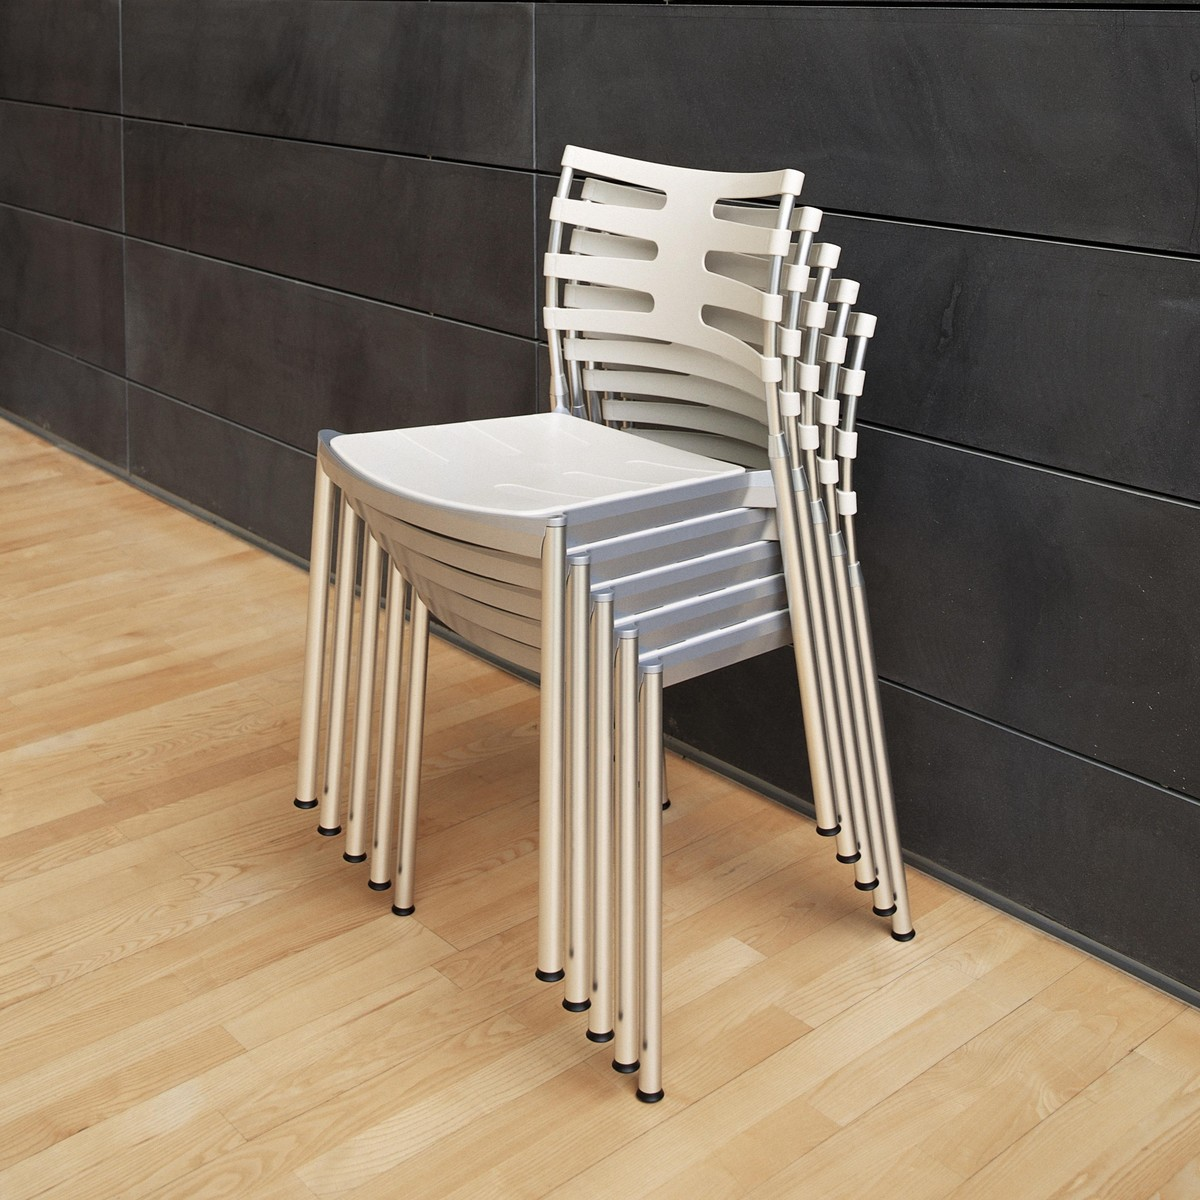 ice chair  fritz hansen  ambientedirectcom - fritz hansen  ice chair